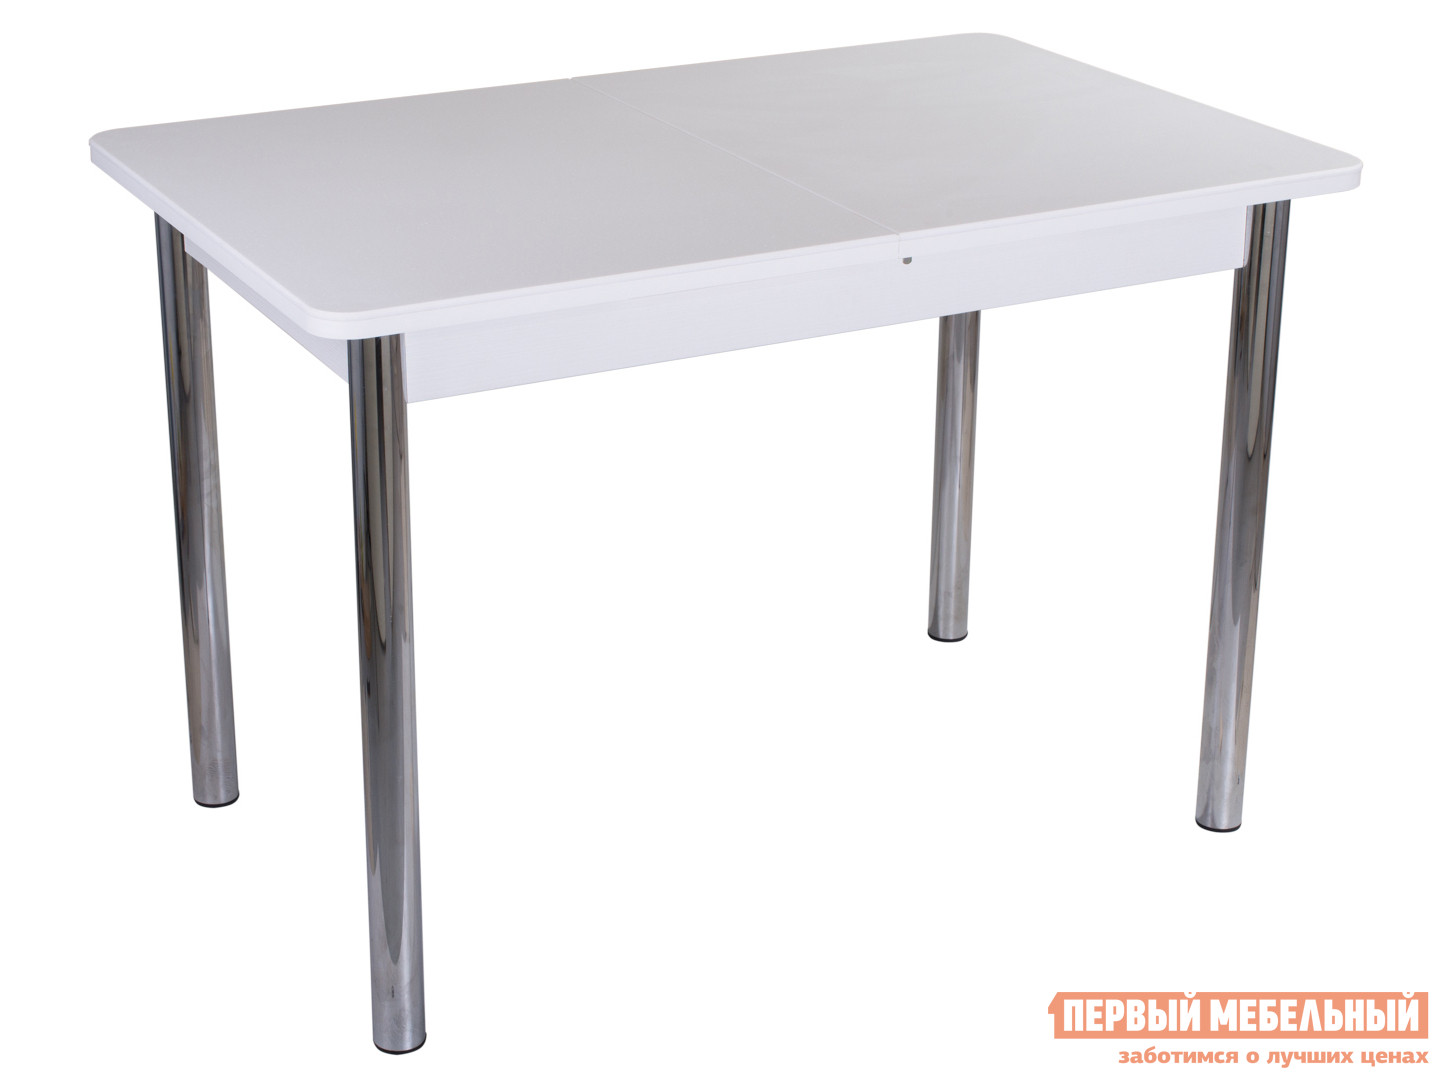 цены на Обеденный стол Домотека Обеденный стол Румба ПР КМ  в интернет-магазинах